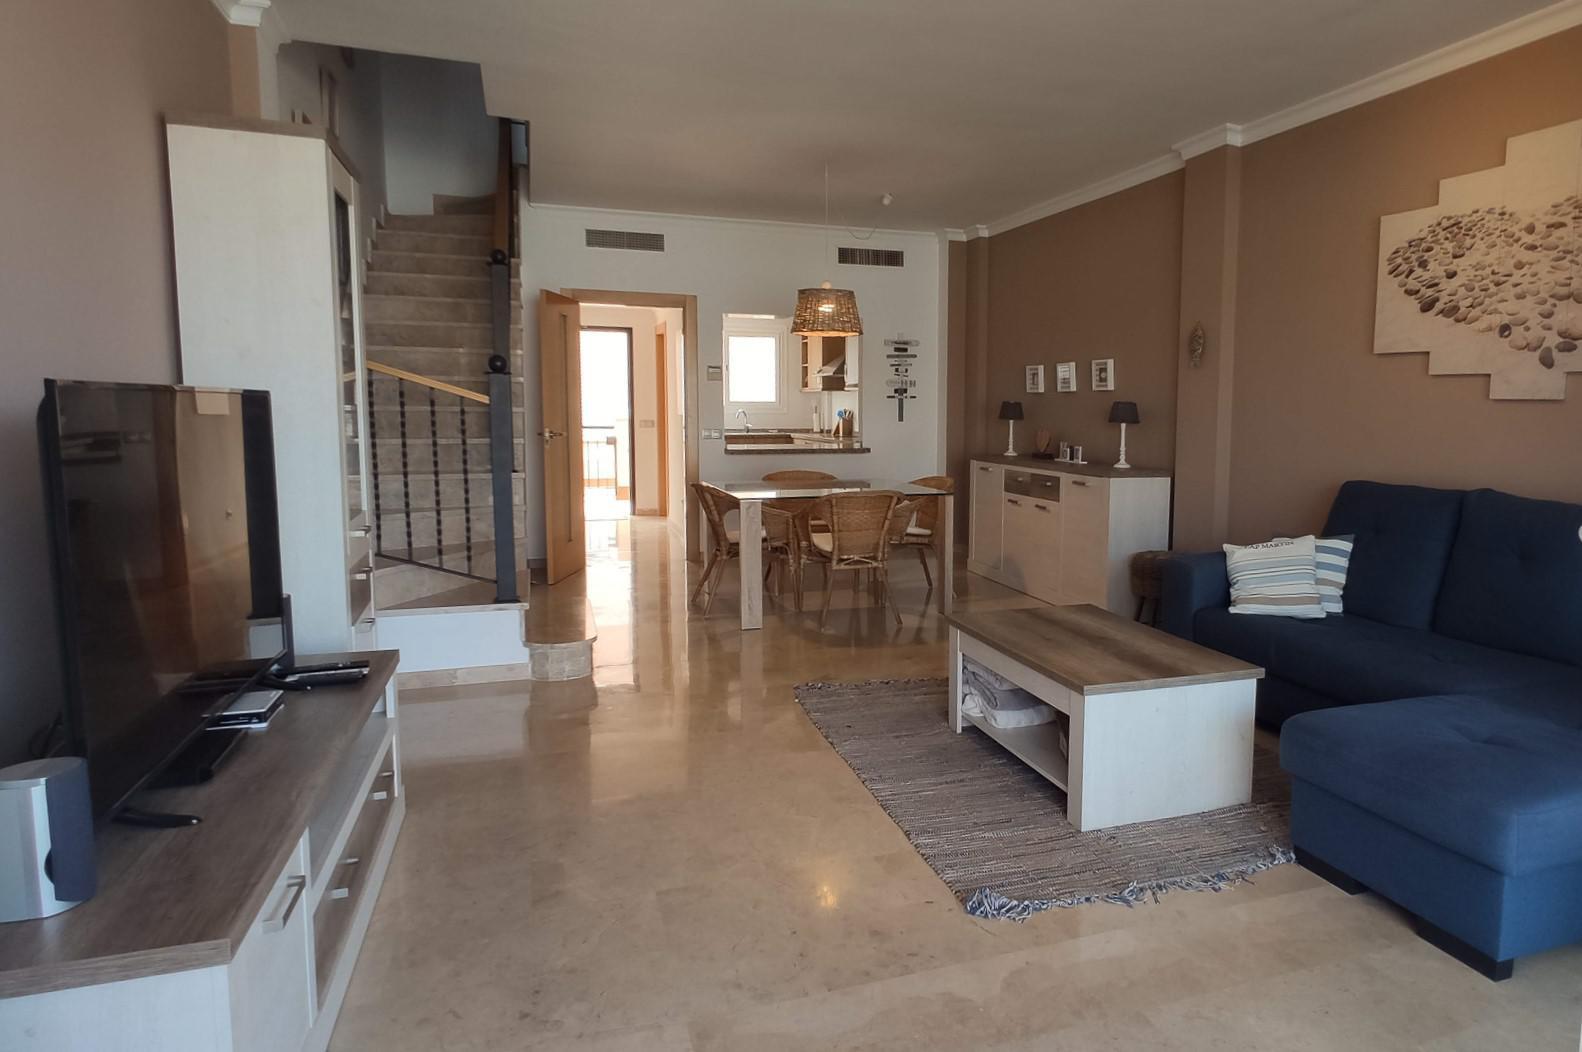 Einfamilienhaus -                                       Puerto Santiago -                                       2 Schlafzimmer -                                       6 Personen